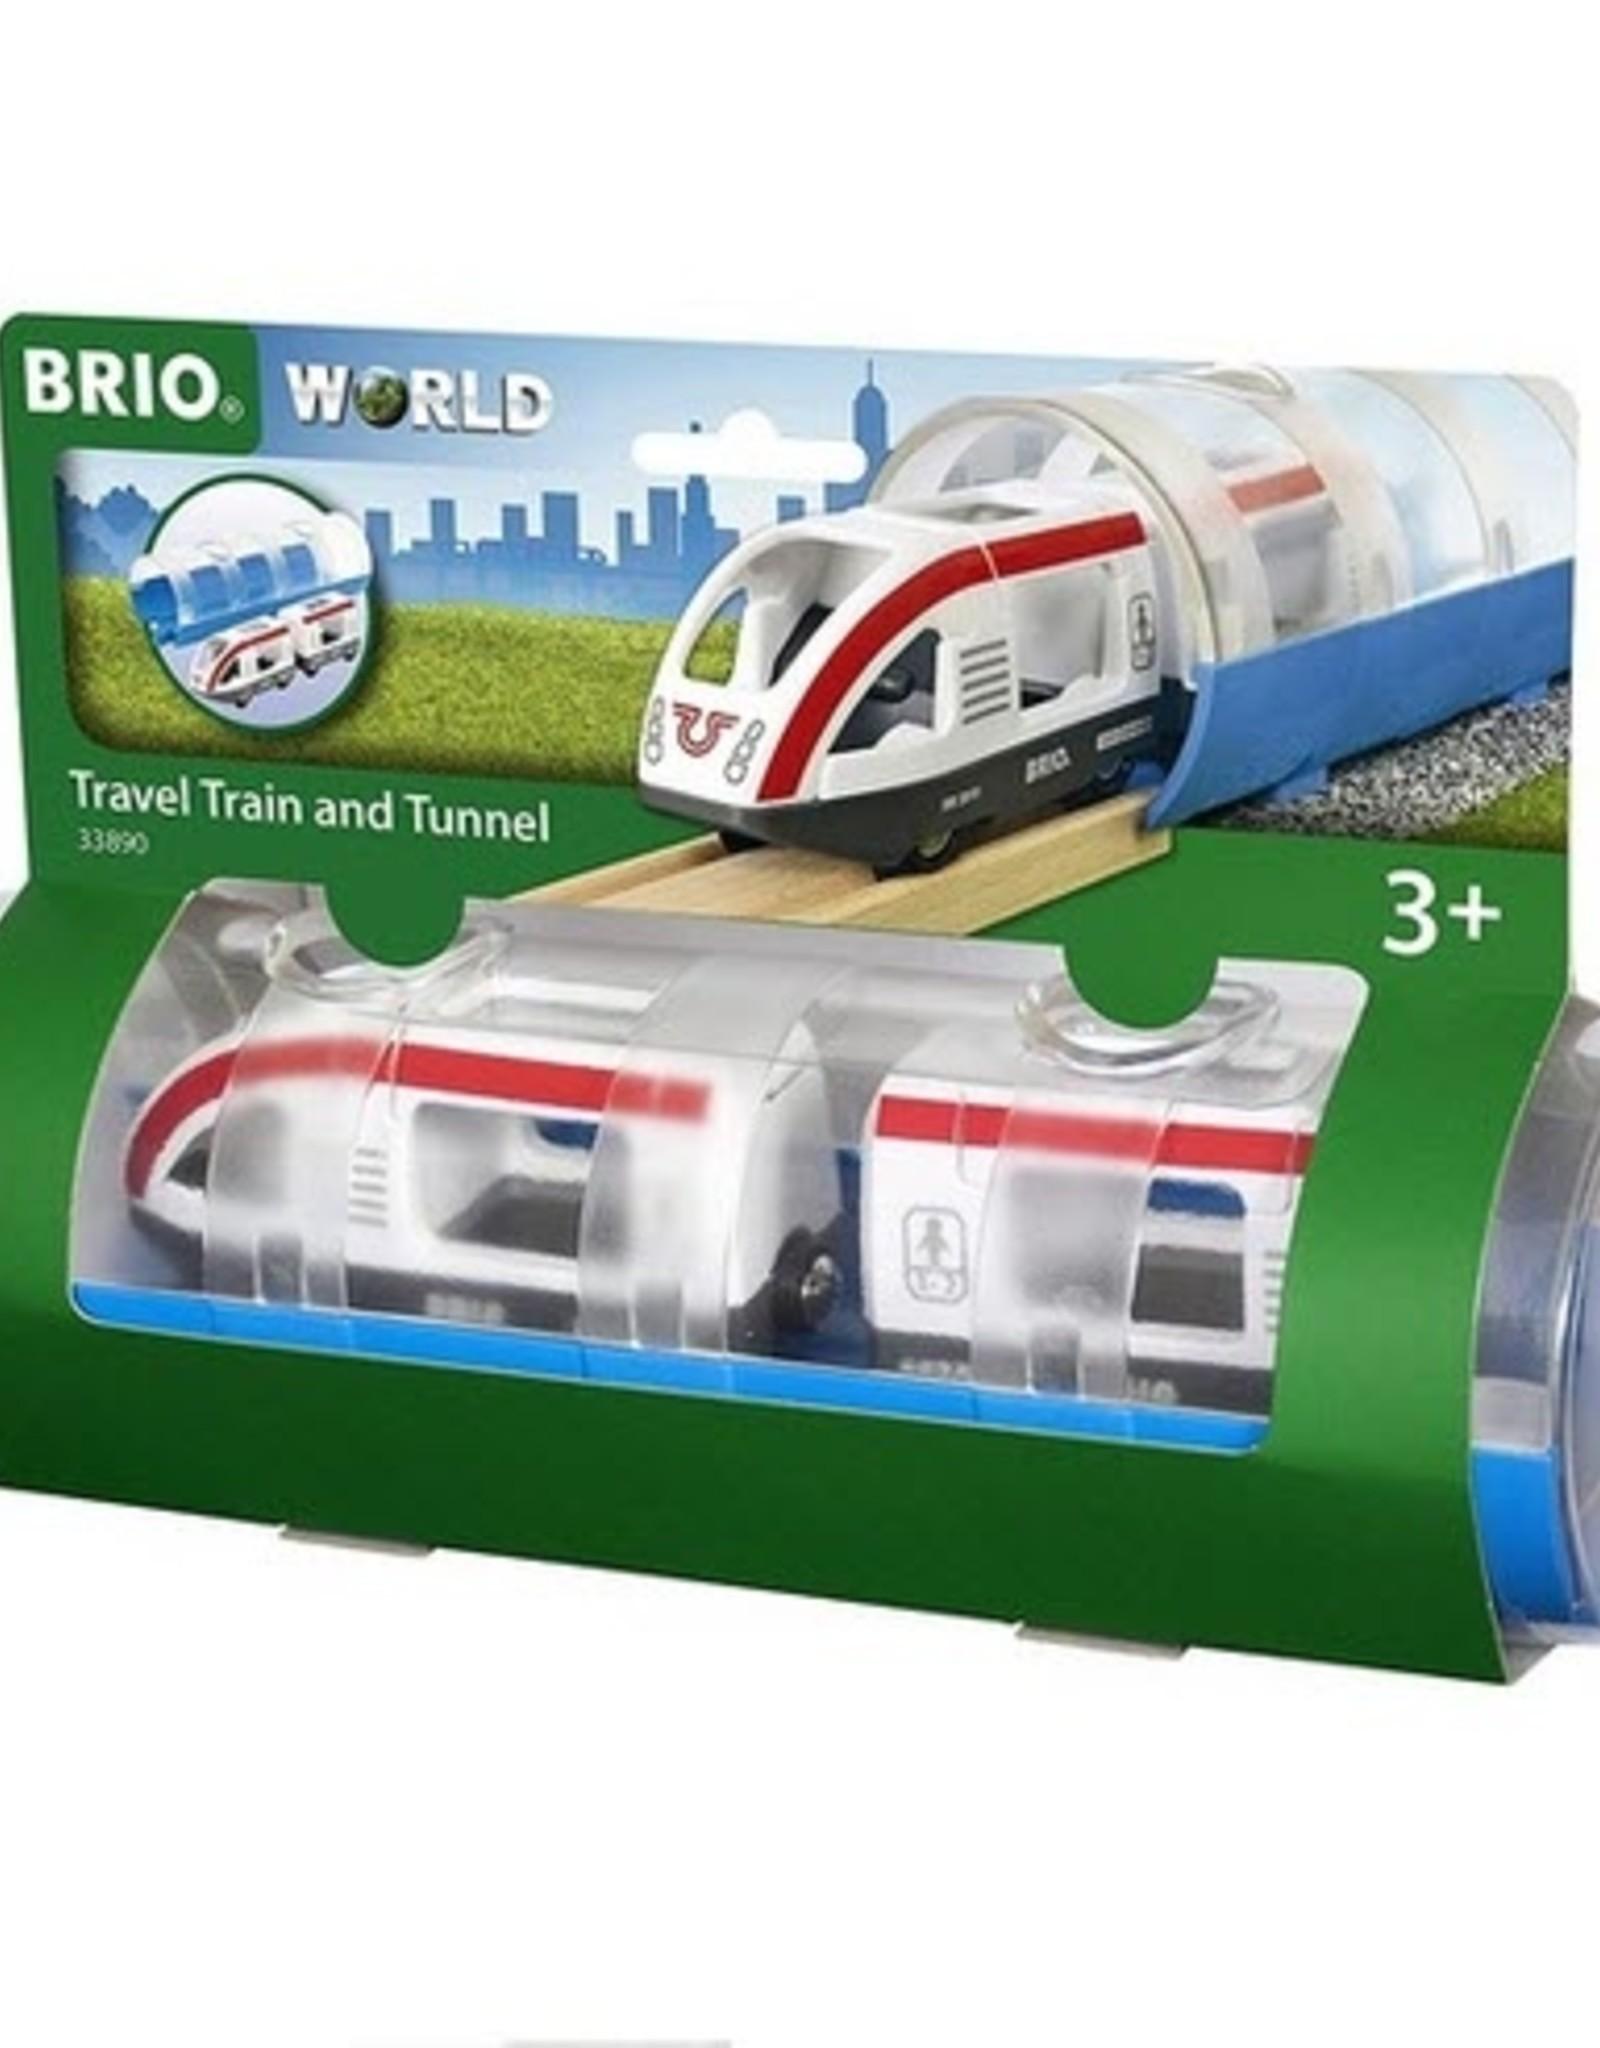 Brio BRIO - Travel Train And Tunnel